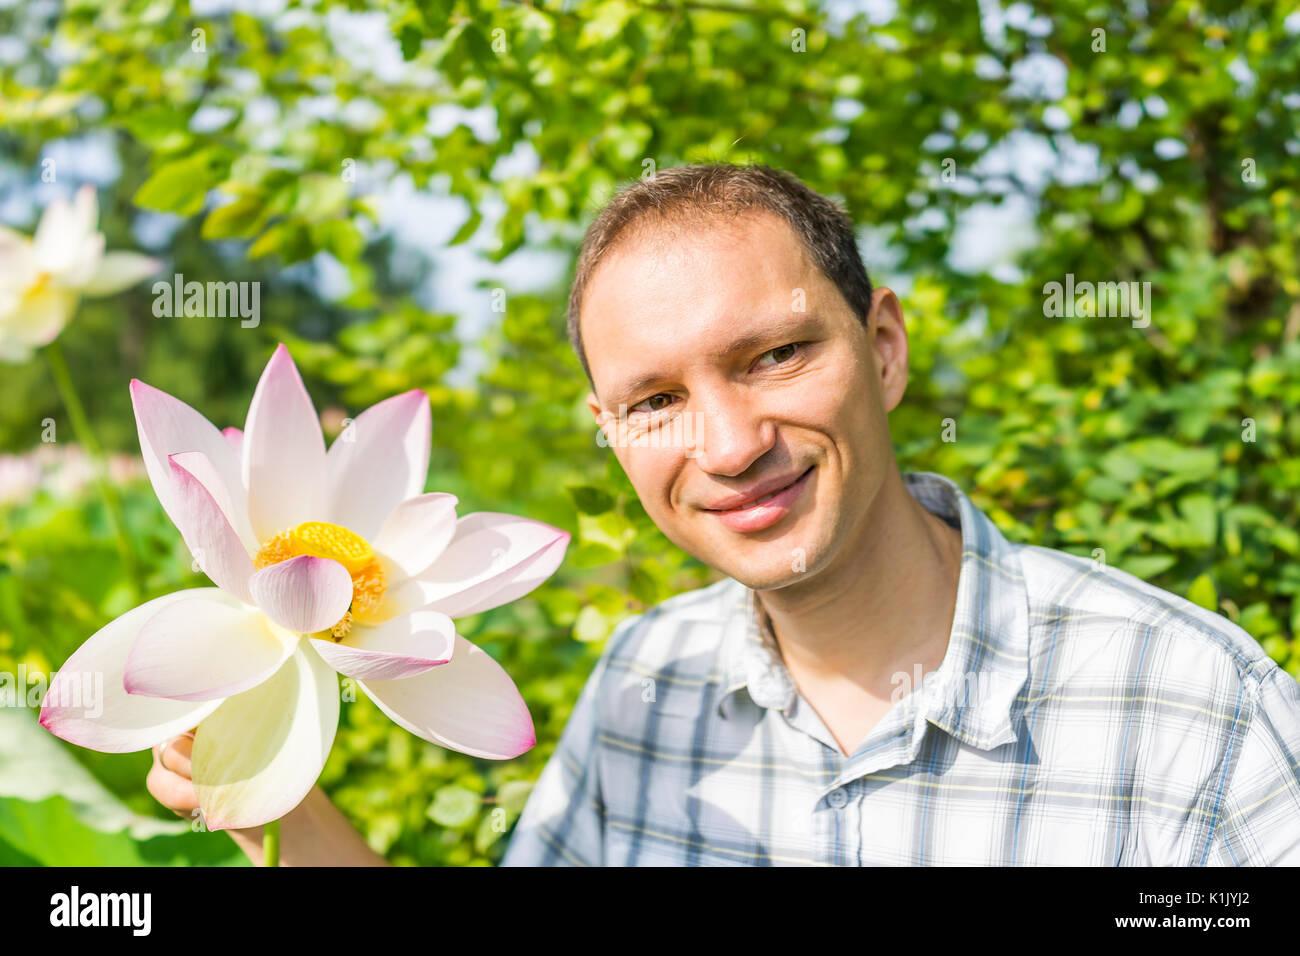 Gros plan Portrait of young man smiling holding Bright White Rose et fleur de lotus avec l'intérieur de la graine jaune Photo Stock